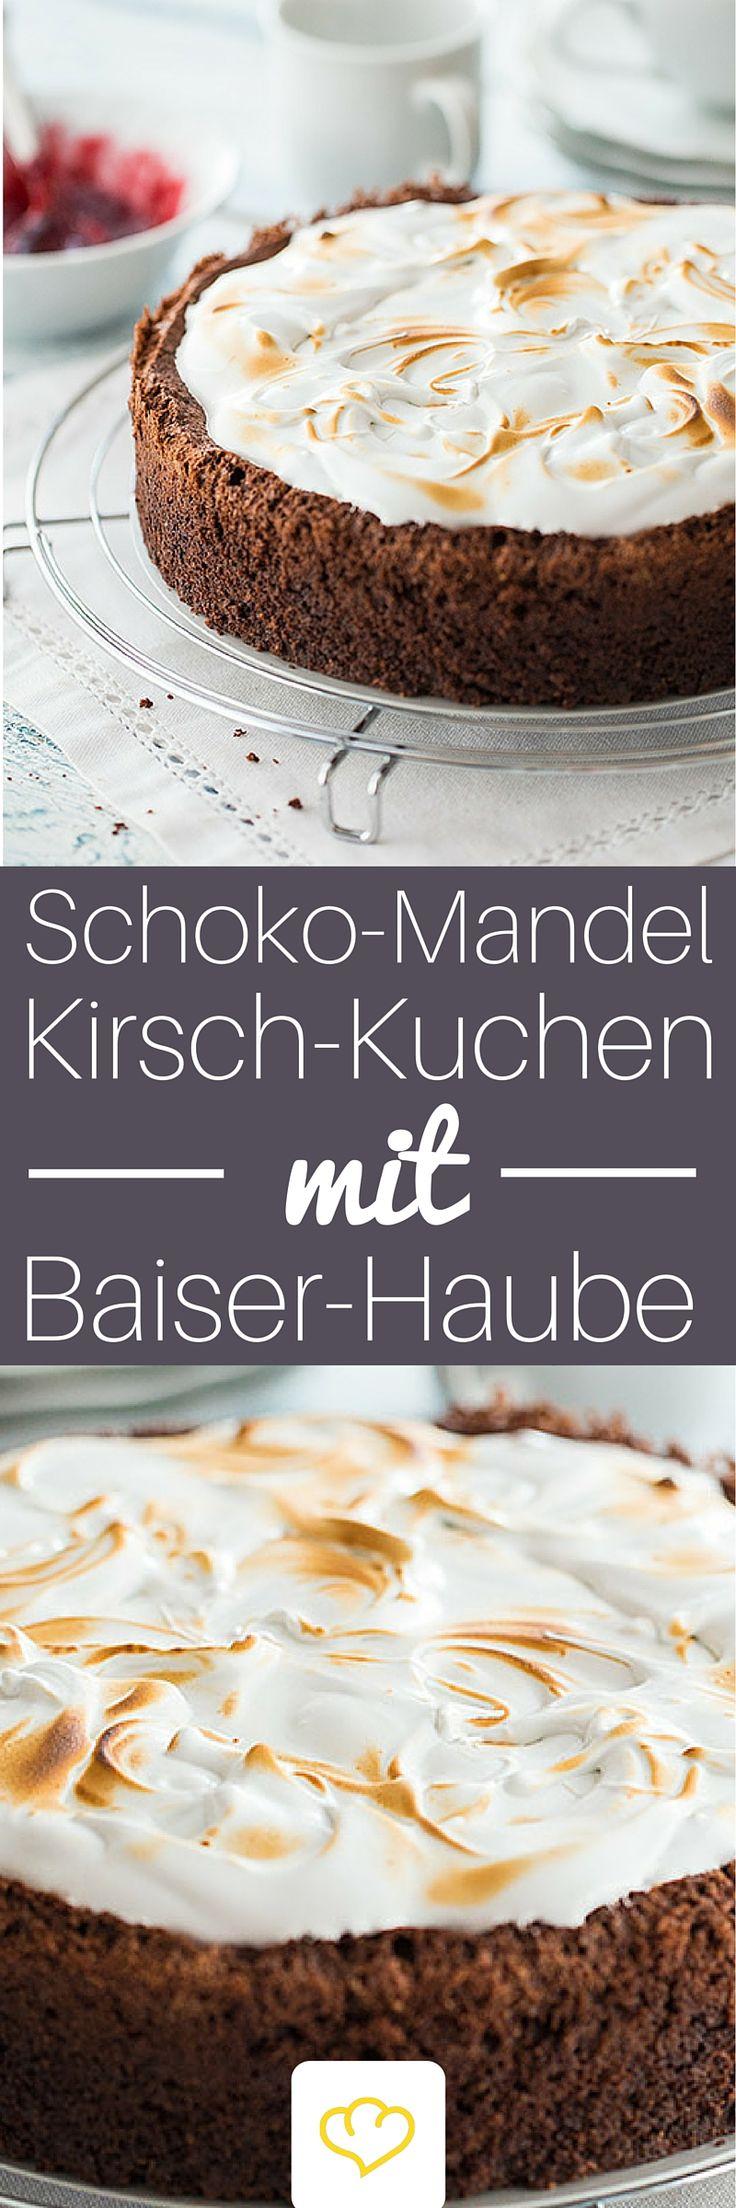 Schokoladen-Mandel-Kirsch-Kuchen mit Baiserhaube: Ein Kuchentraum, der einfach alles hat: saftigen, lockeren Kuchenteig, eine fruchtig-süße Note und dann das Beste – die cremige Baiserhaube. Herrlich! Und dabei ganz ohne Mehl.